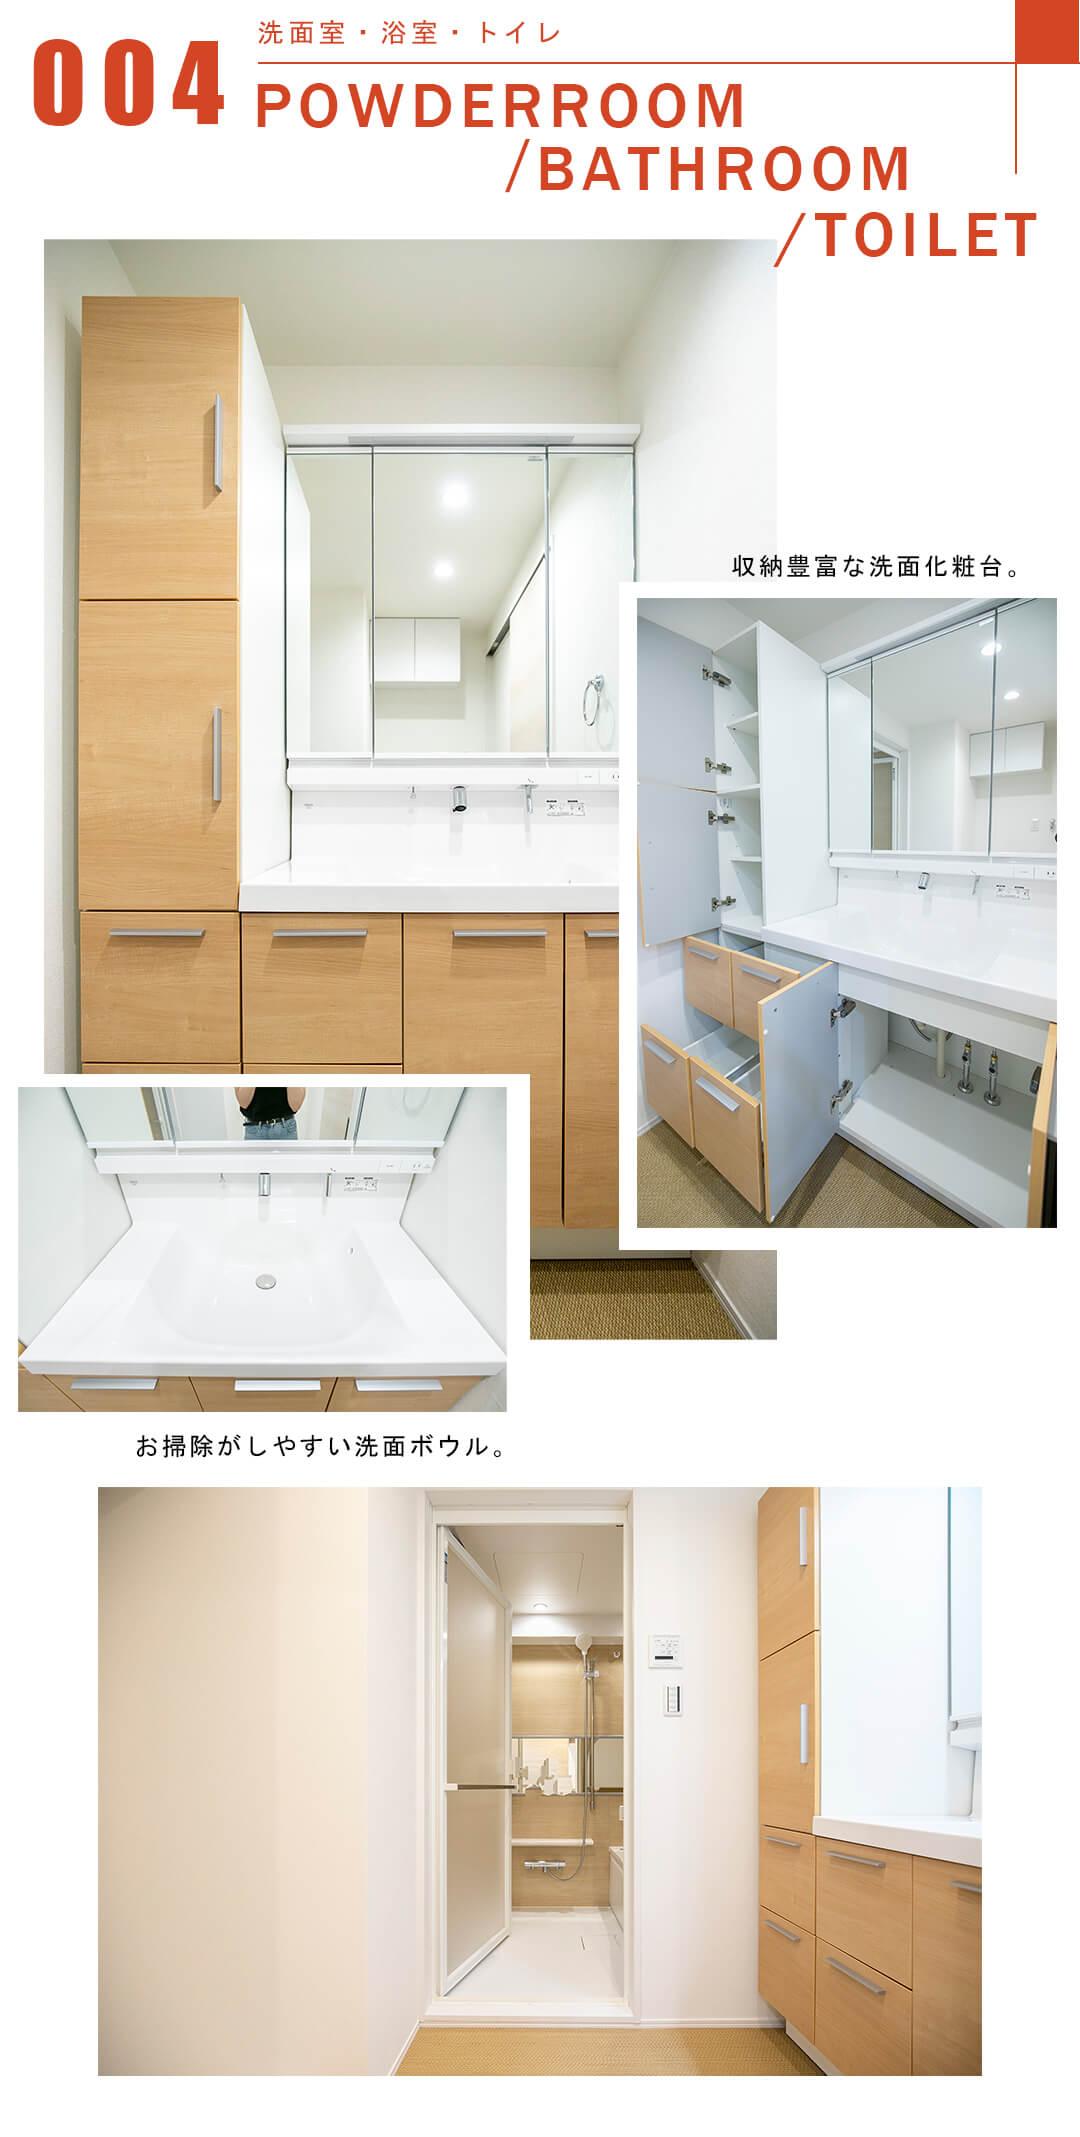 004浴室,洗面室,トイレ,Bathroom,Powderroom,Toilet